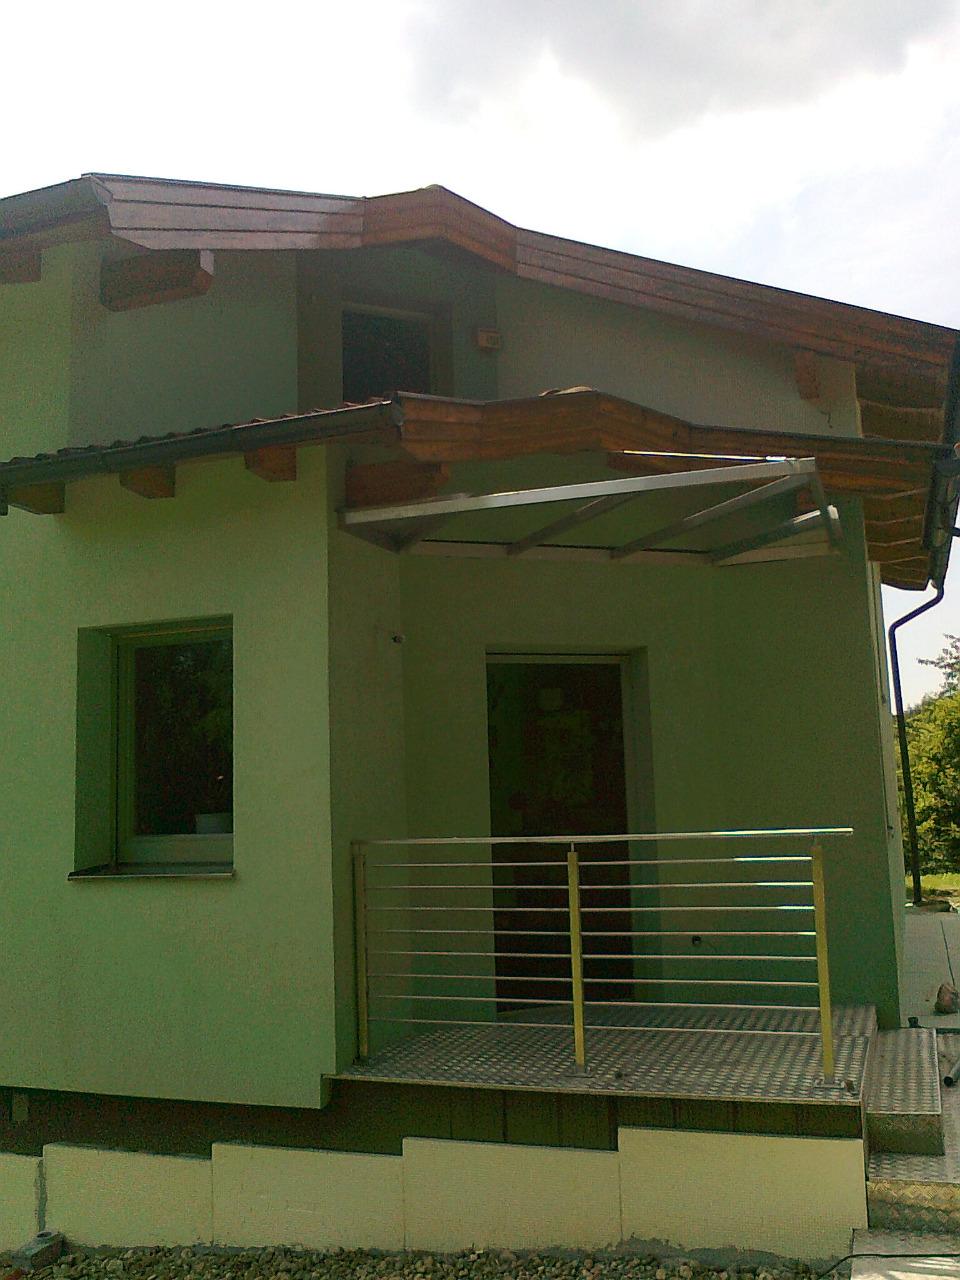 Stavební práce, zednické a obkladačské práce včetně realizace fasády